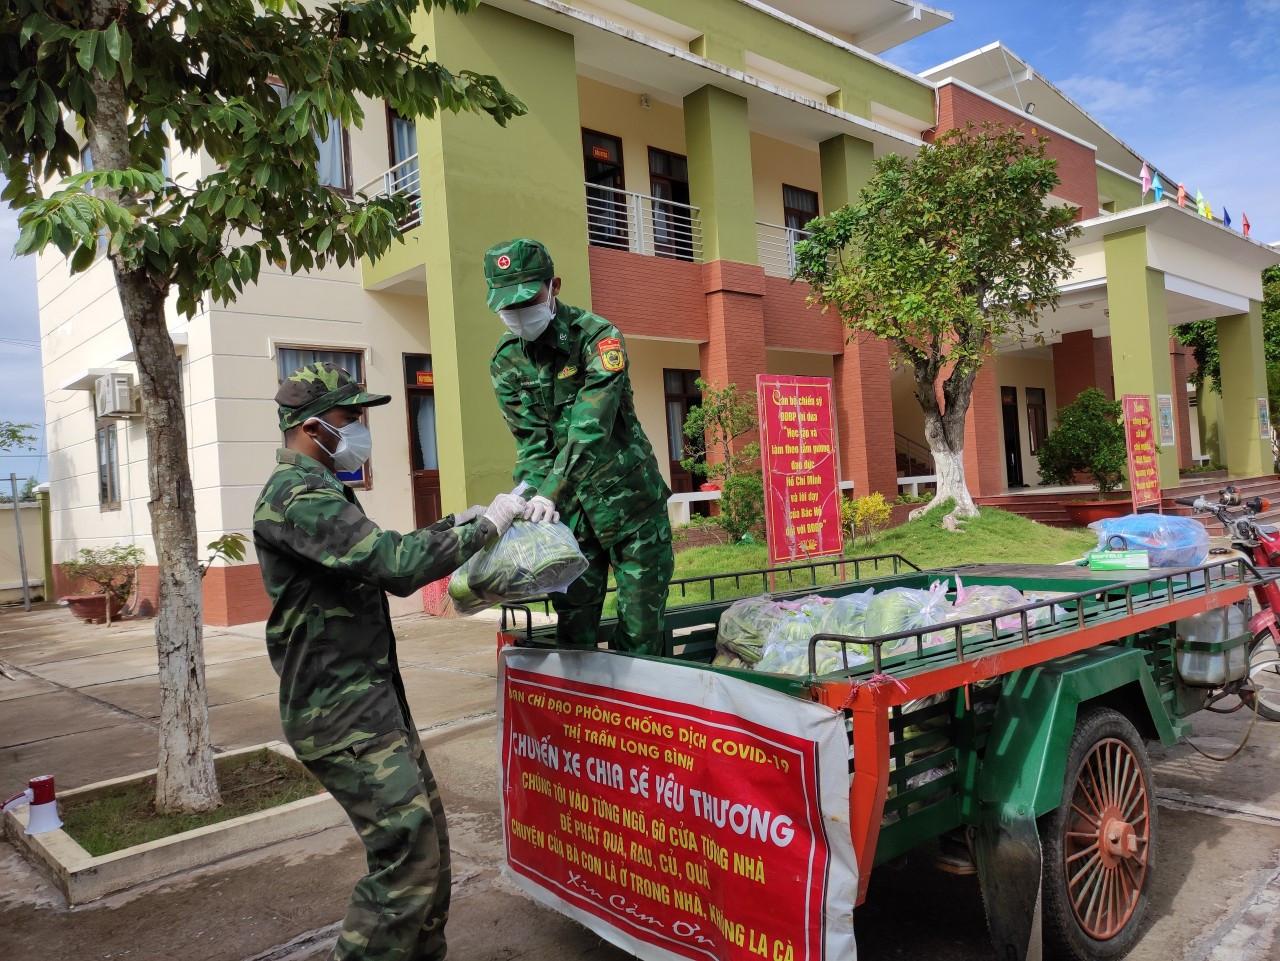 Bộ đội Biên phòng An Giang hỗ trợ 530 suất quà cho người dân vùng biên giới